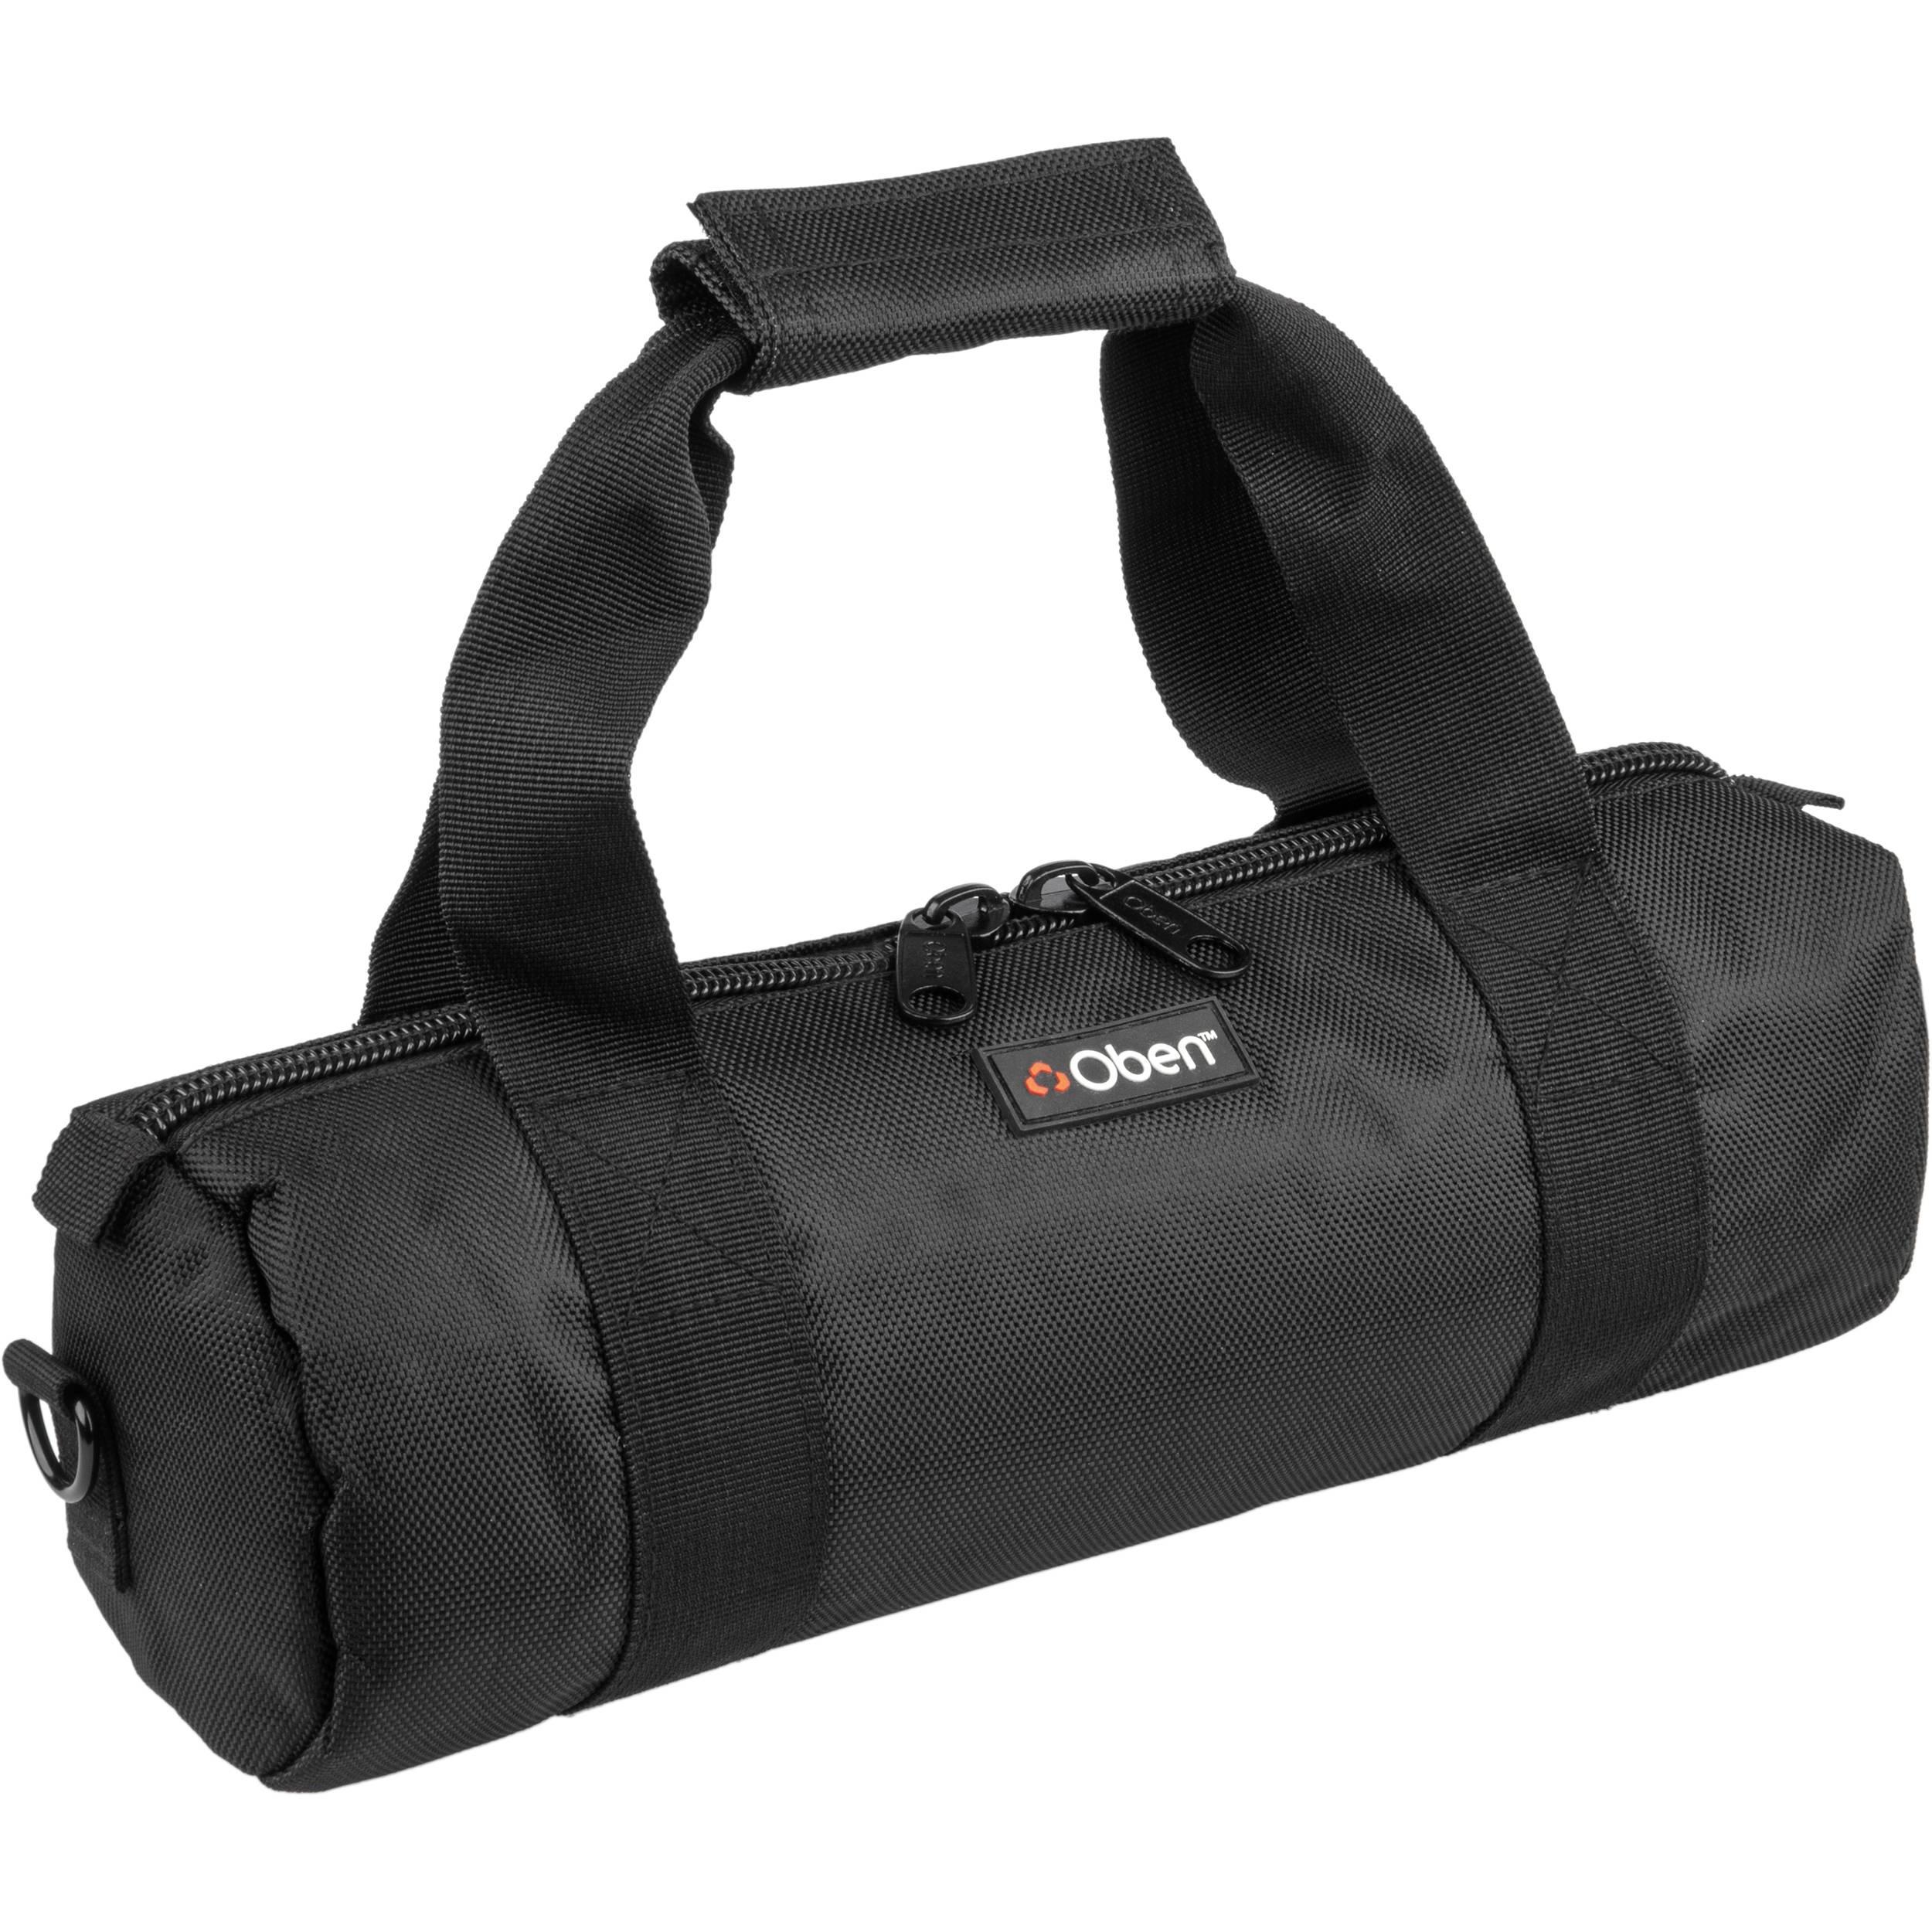 Oben TB-05 Tripod Bag